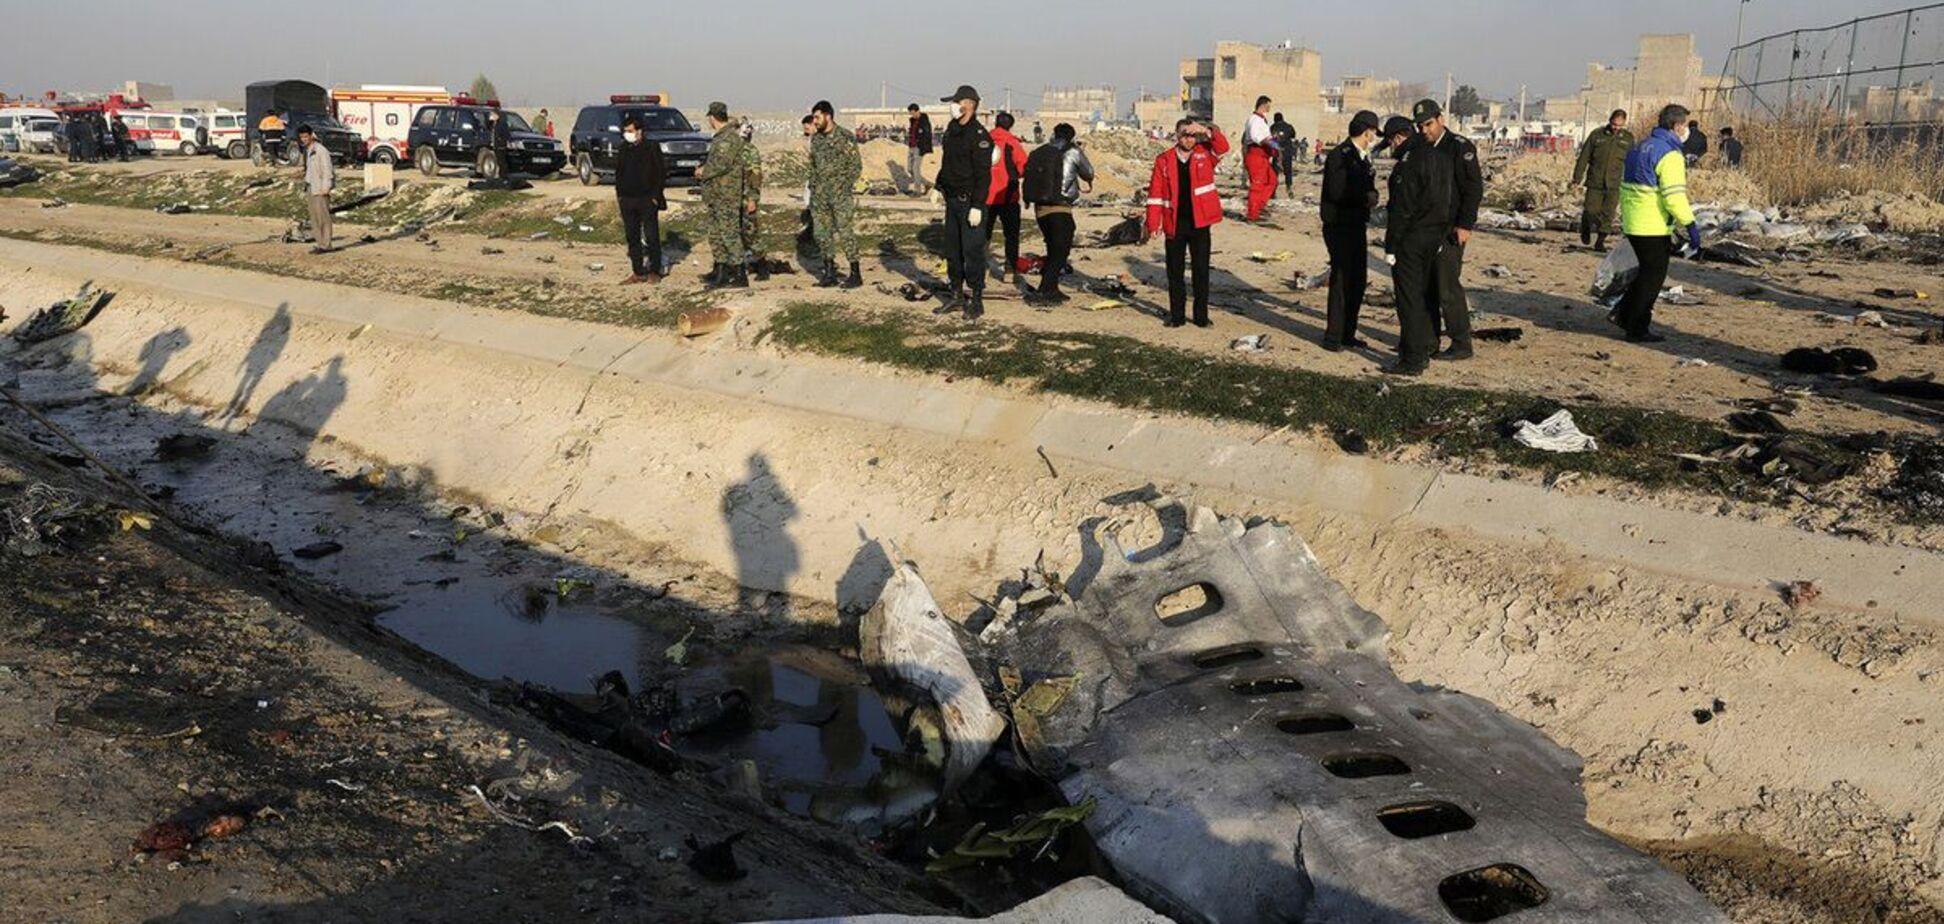 Иран передал Украине планшет по катастрофе МАУ: Венедиктова раскрыла детали